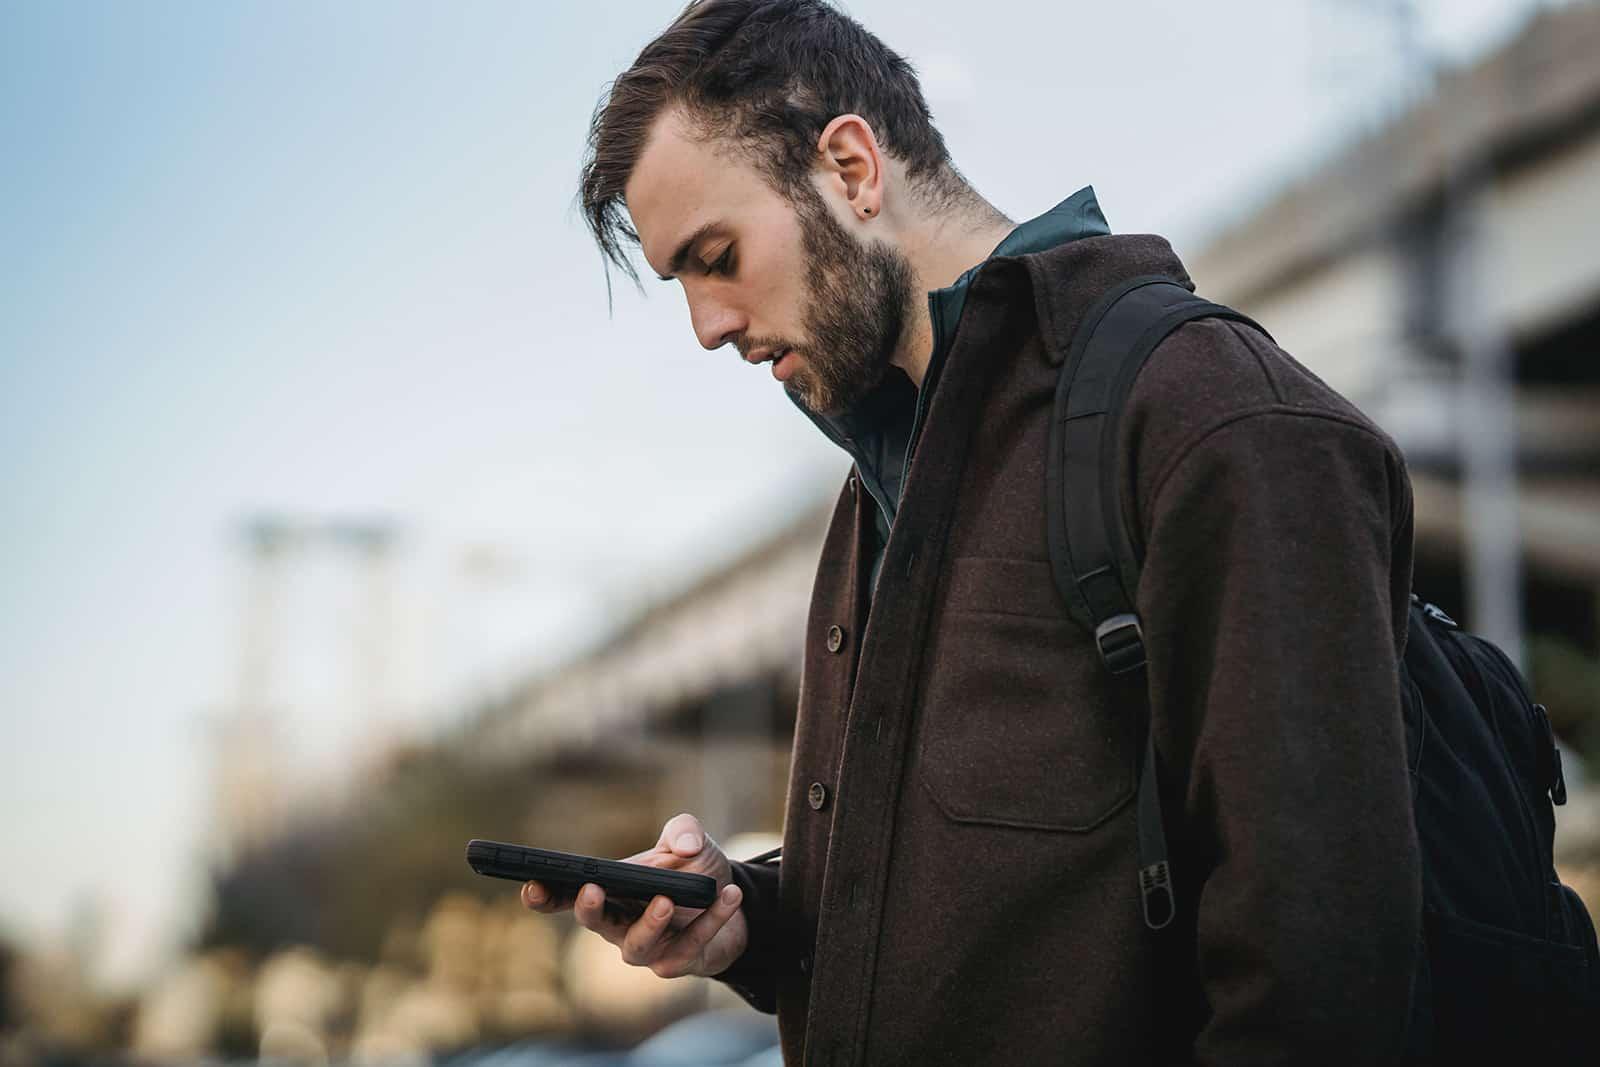 un homme sérieux bavardant sur son smartphone en se tenant debout dans la ville